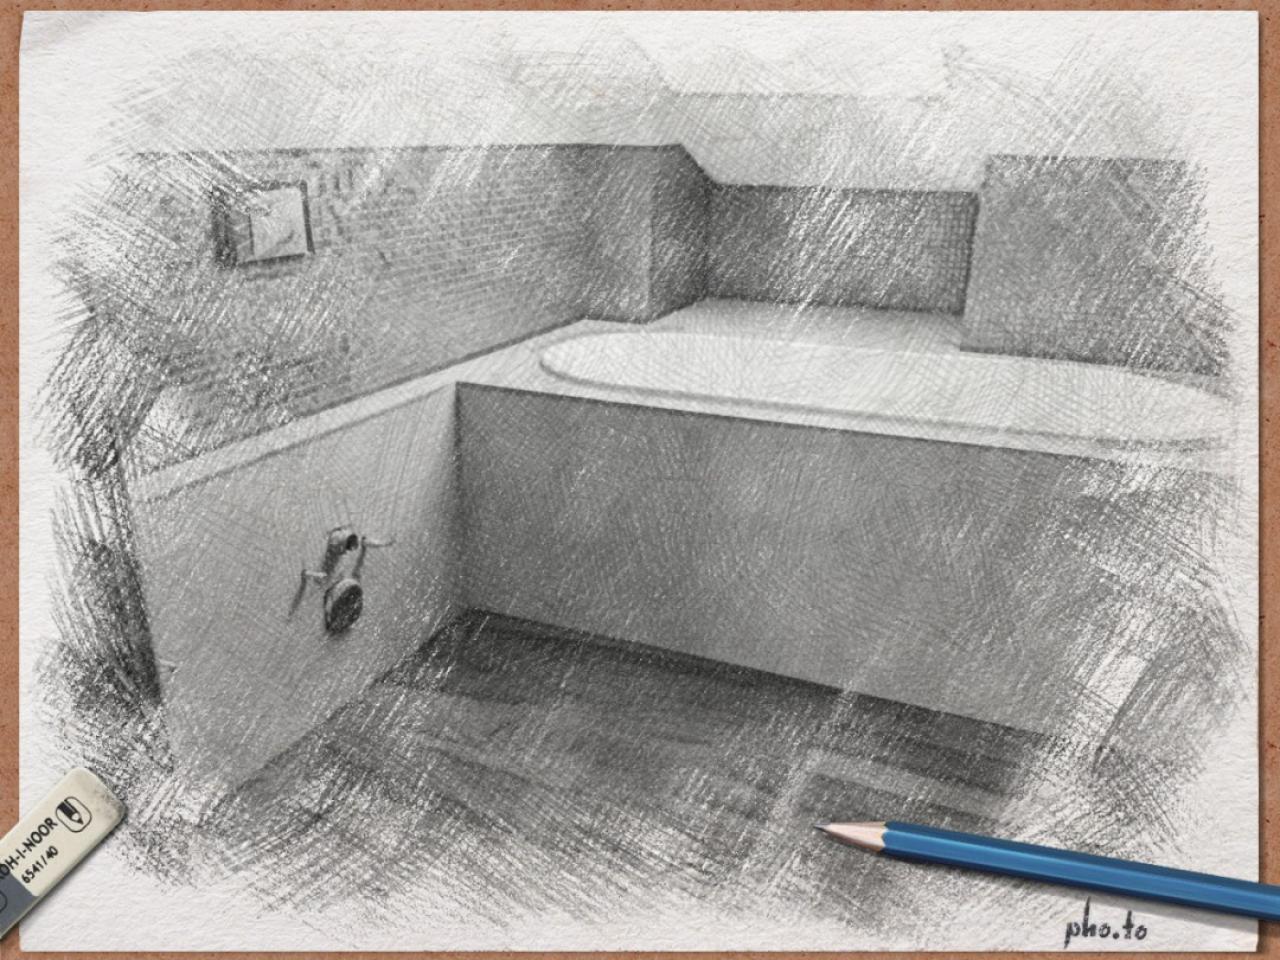 Dimensioni Altezza Vasca Da Bagno : Bagno mansarda progettato e realizzato a vicenza fratelli pellizzari